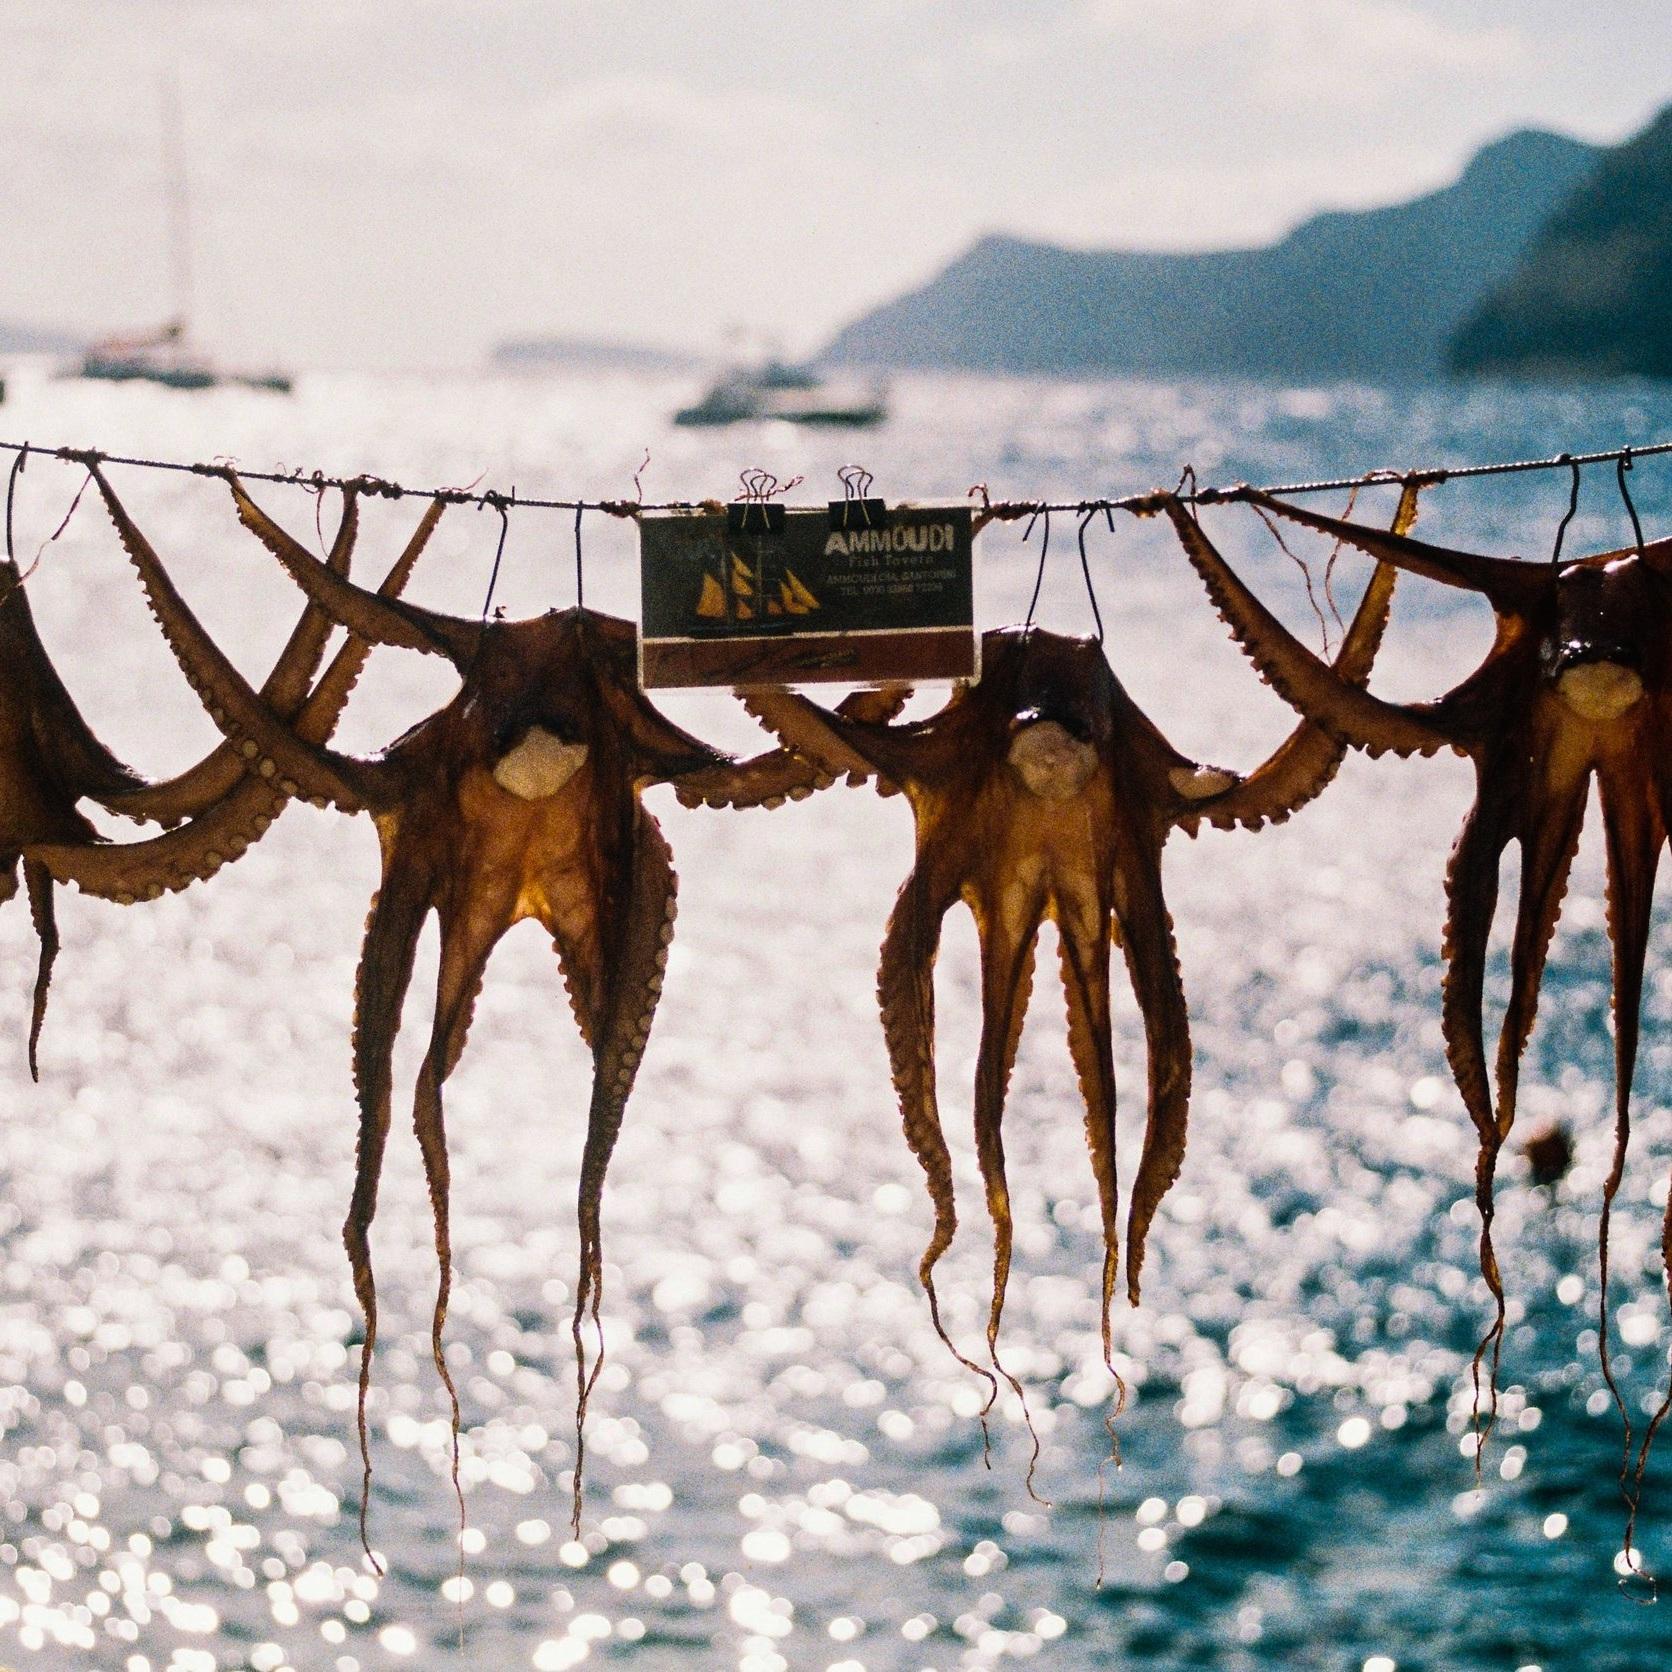 Ammoudi, Santorini, Greece Simon Peel.jpg